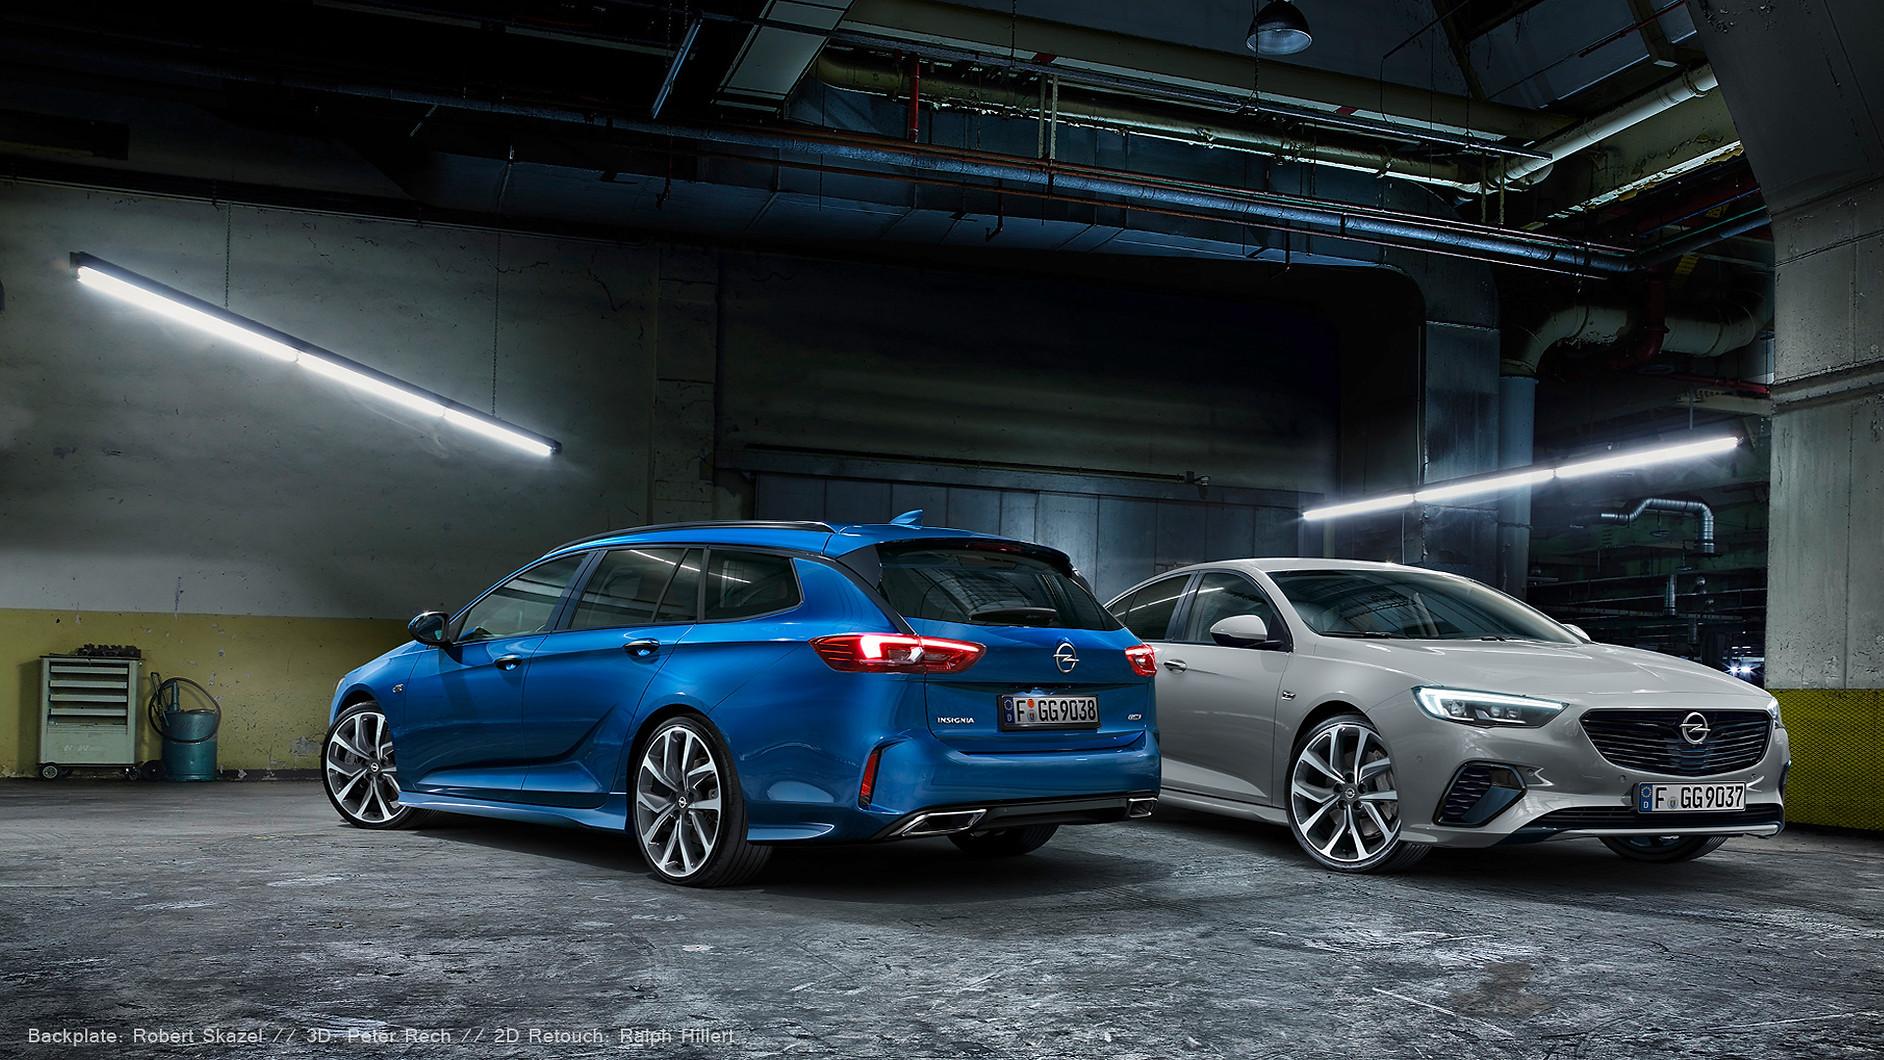 Opel_Insignia_03.jpg